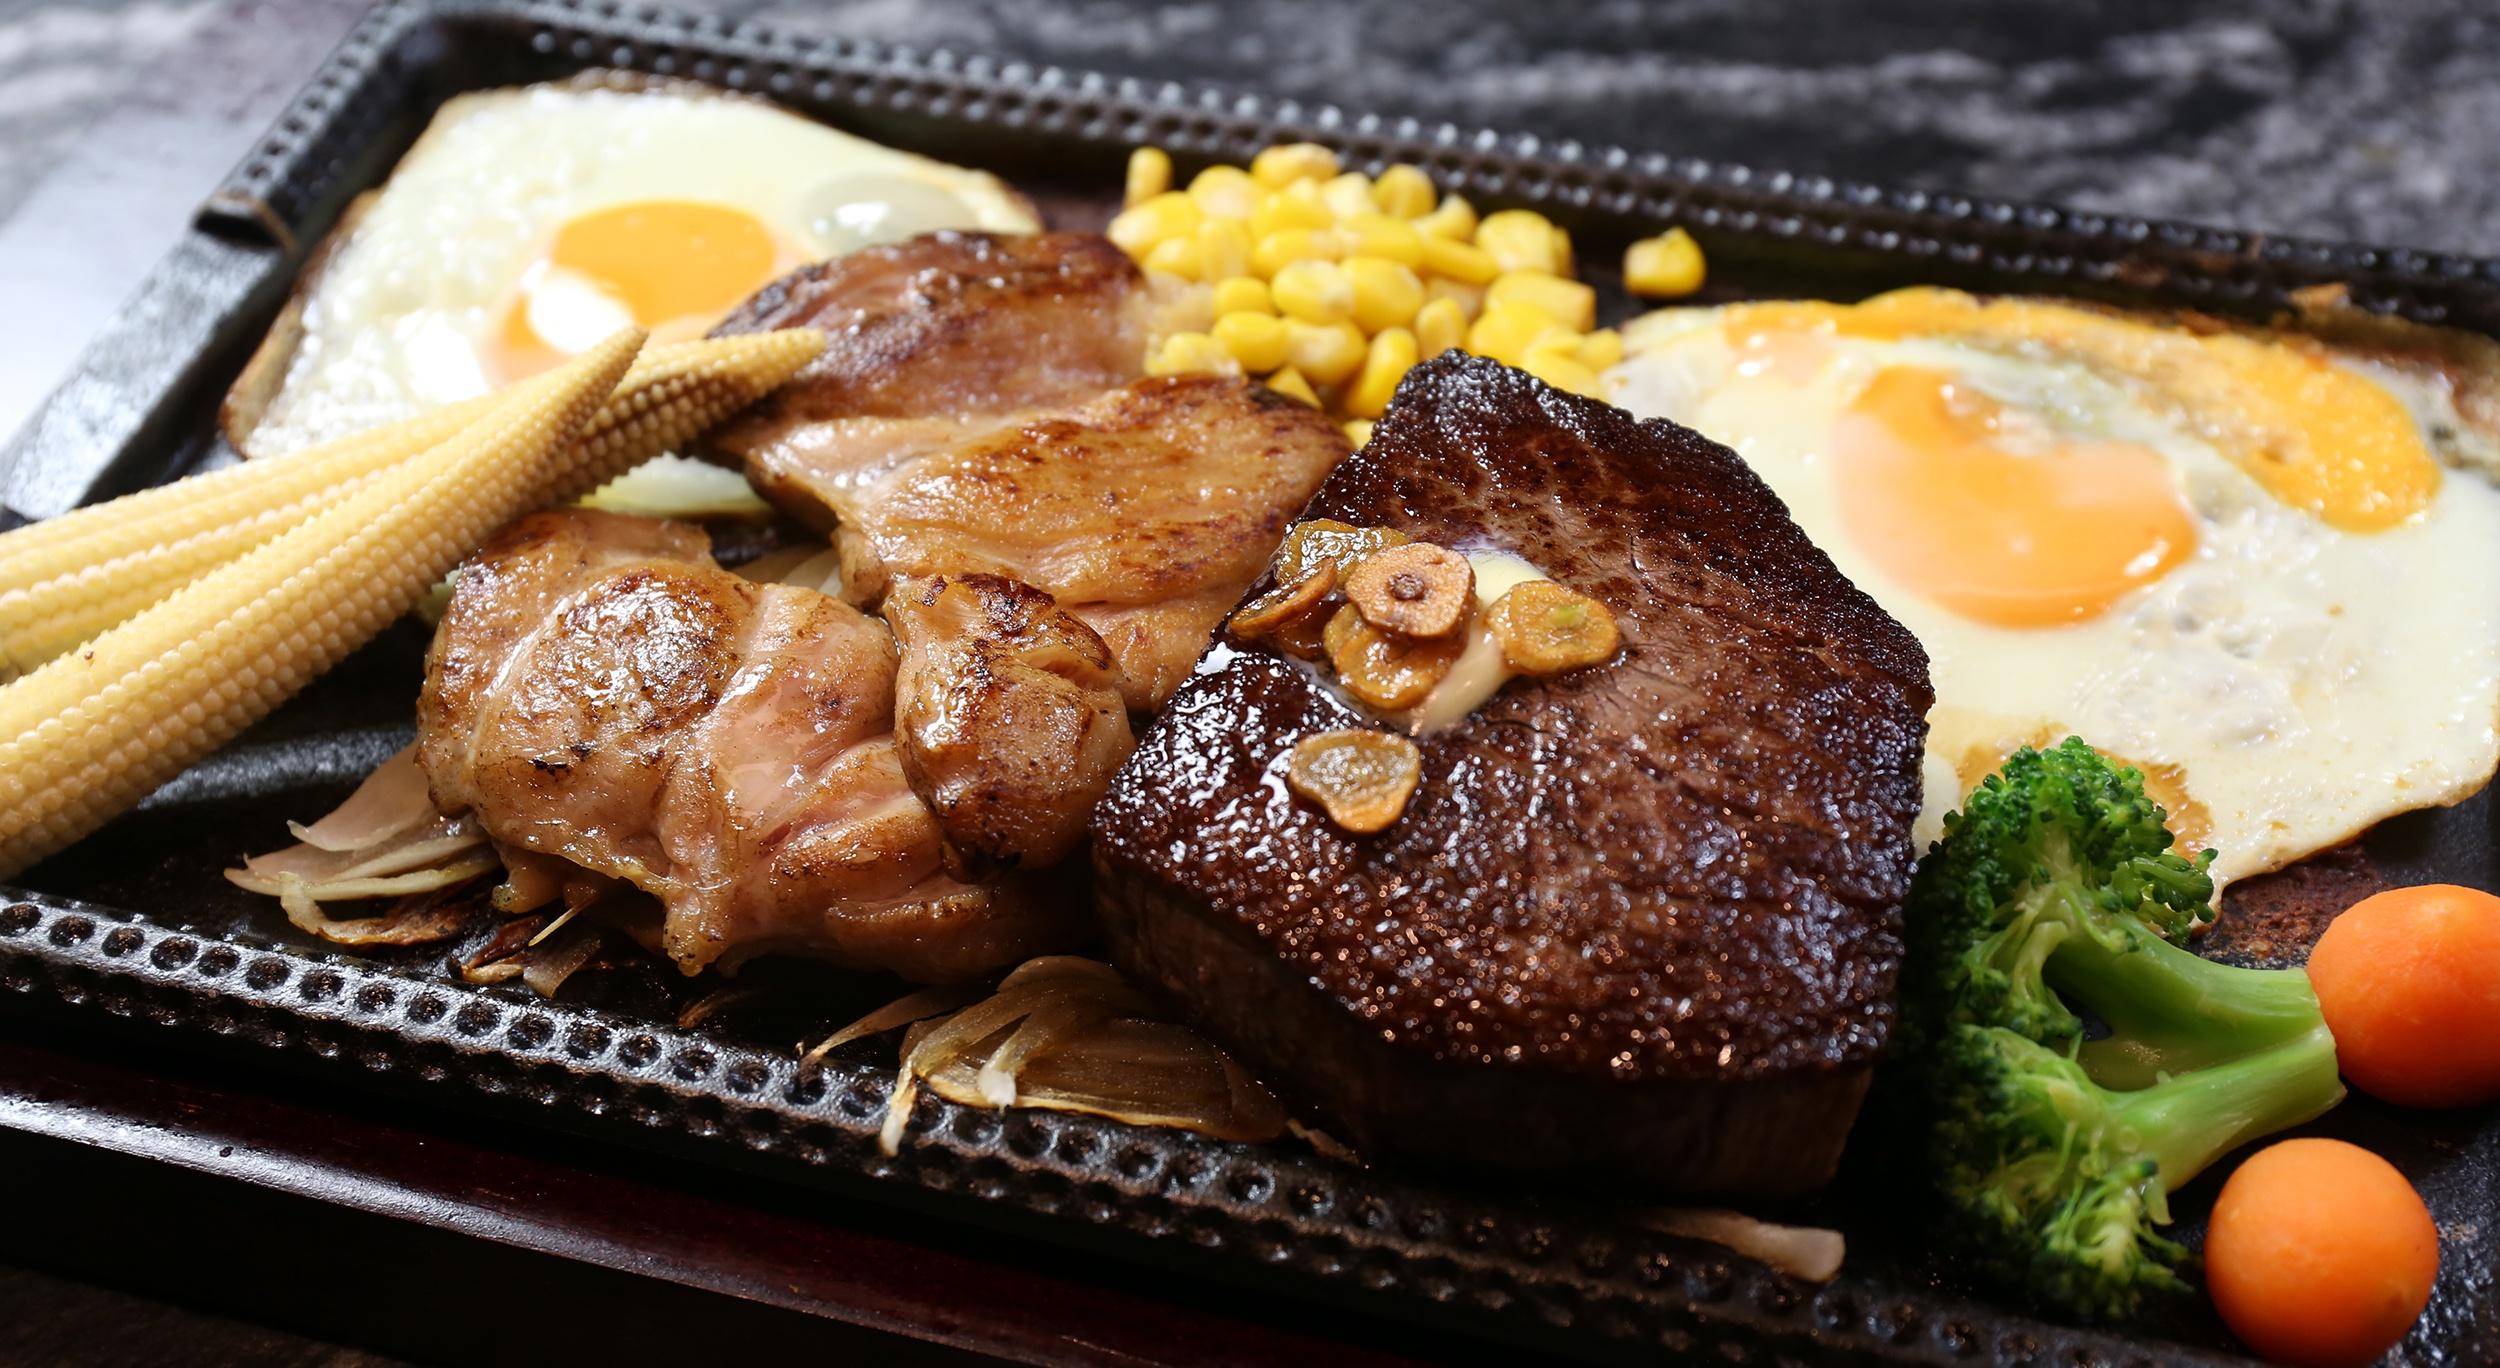 480元吃到頂級肋眼附餐還能吃到飽!「鉄火牛排」網友激推超划算!